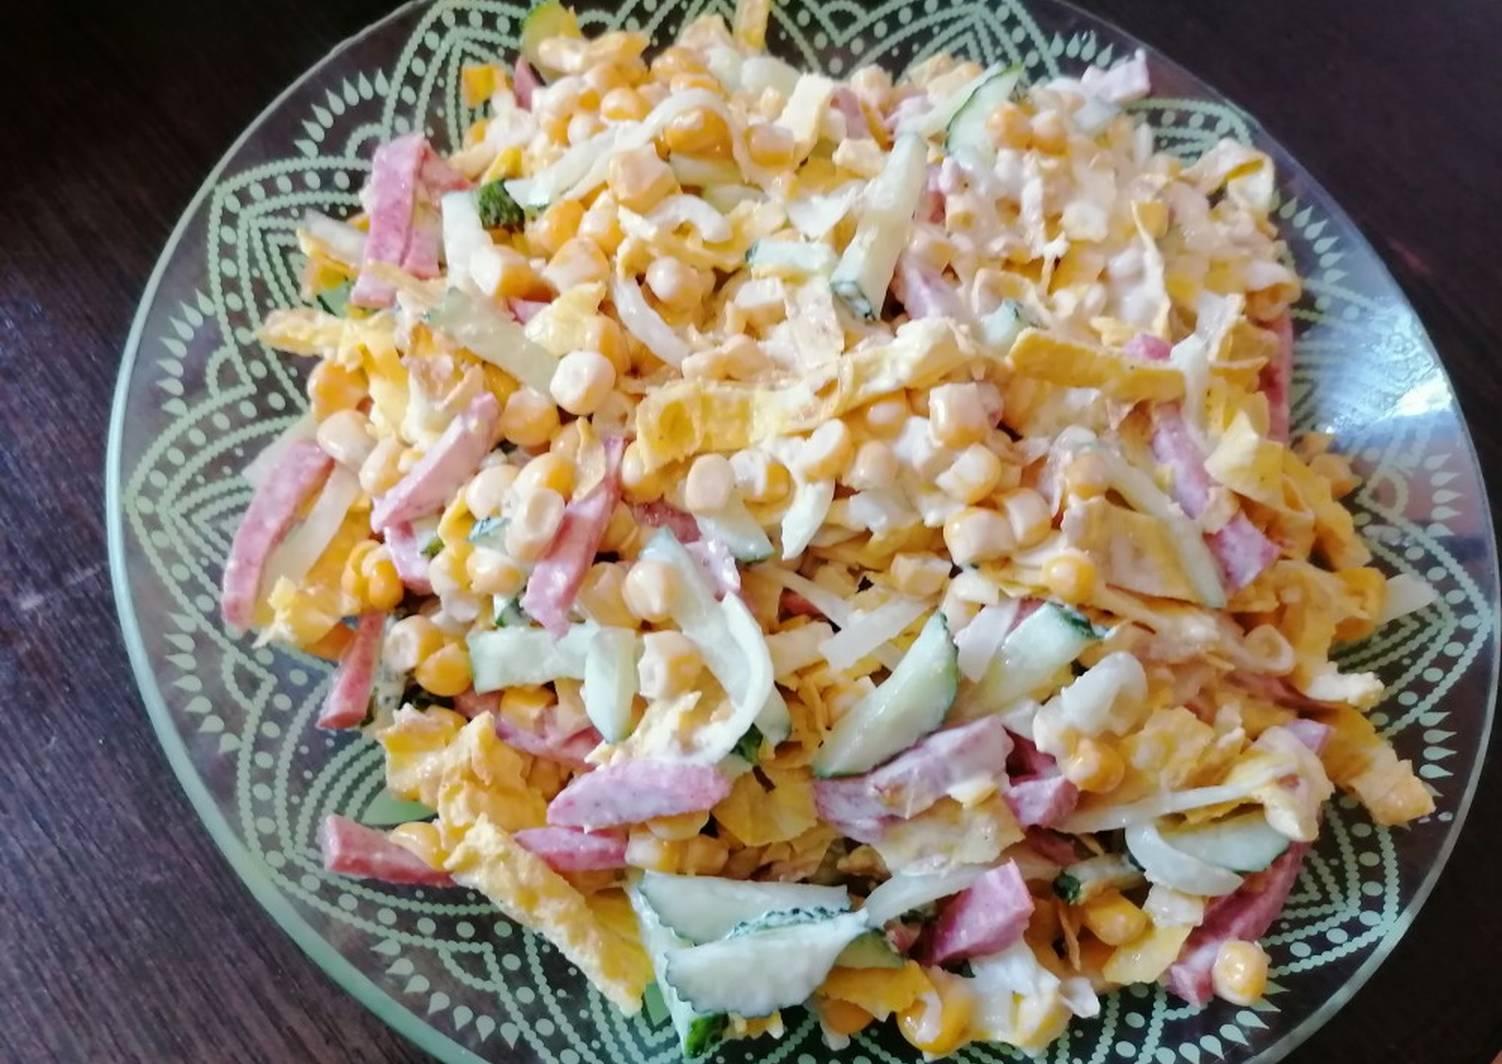 Салат блинный с курицей - французская изюминка к вашему столу: рецепт с фото и видео